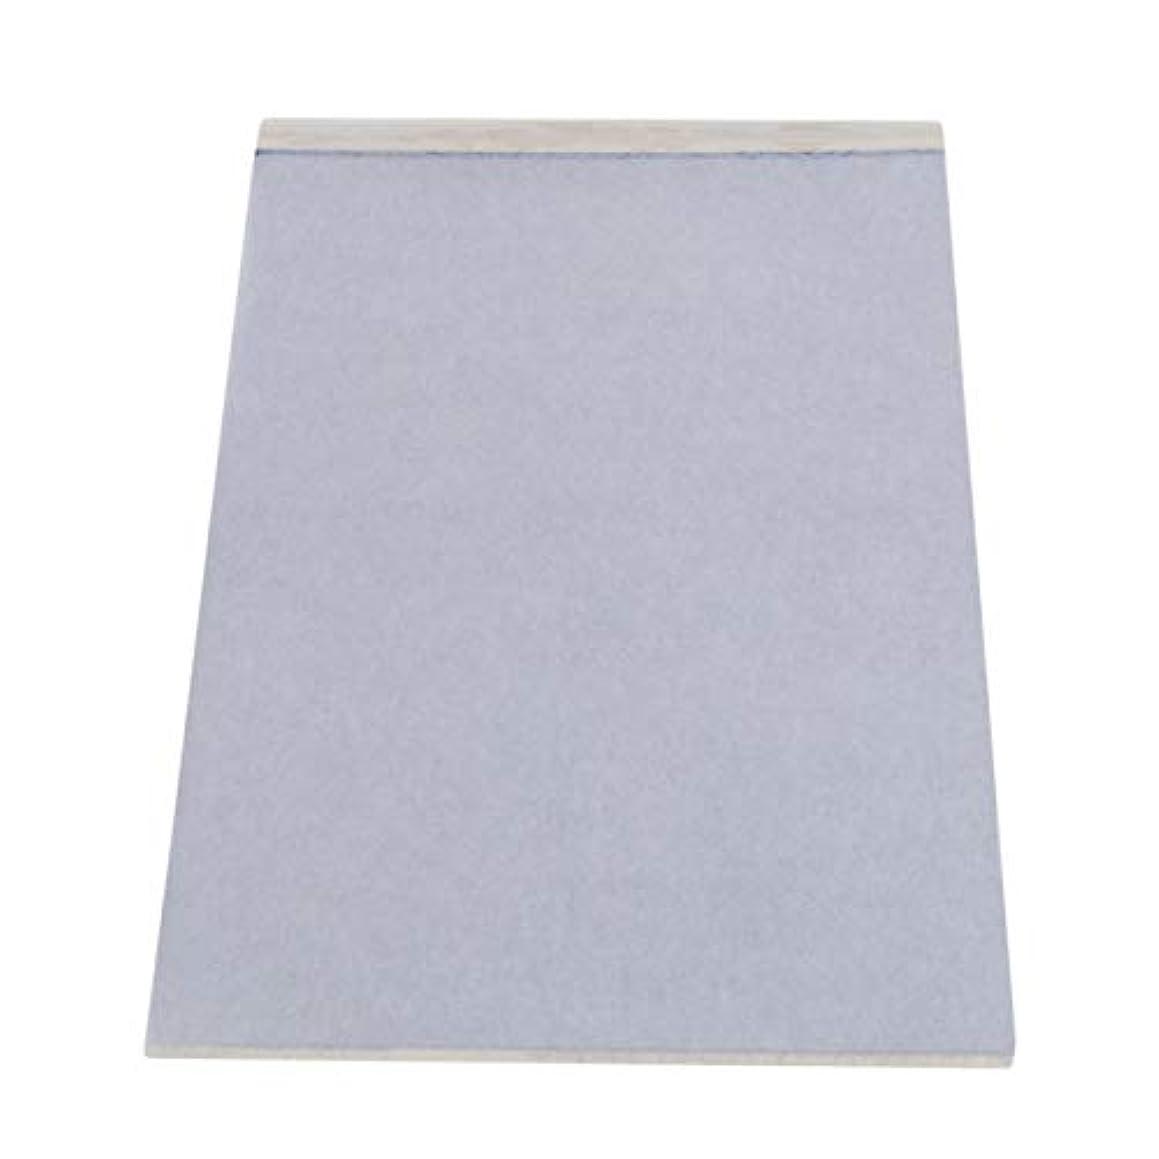 前投薬全くフィードBigsweety タトゥー 転写用紙 5枚セット ブルー1パック(50枚)タトゥー転写紙 プロのタトゥーツール